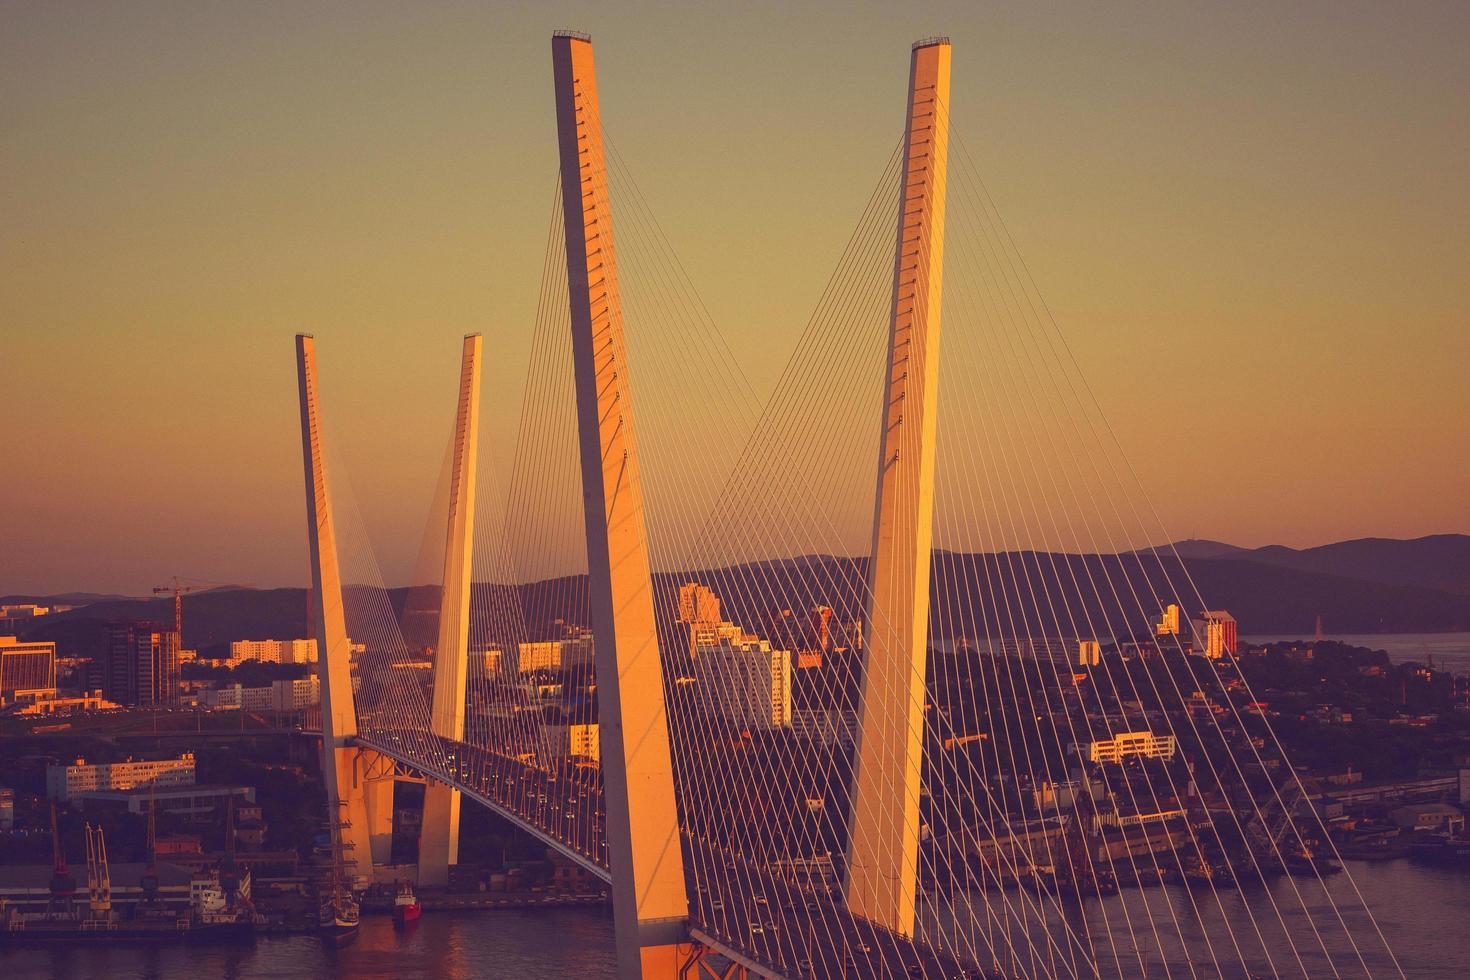 Nachtansicht der Brücke des goldenen Horns.wladiwostok, Russland foto